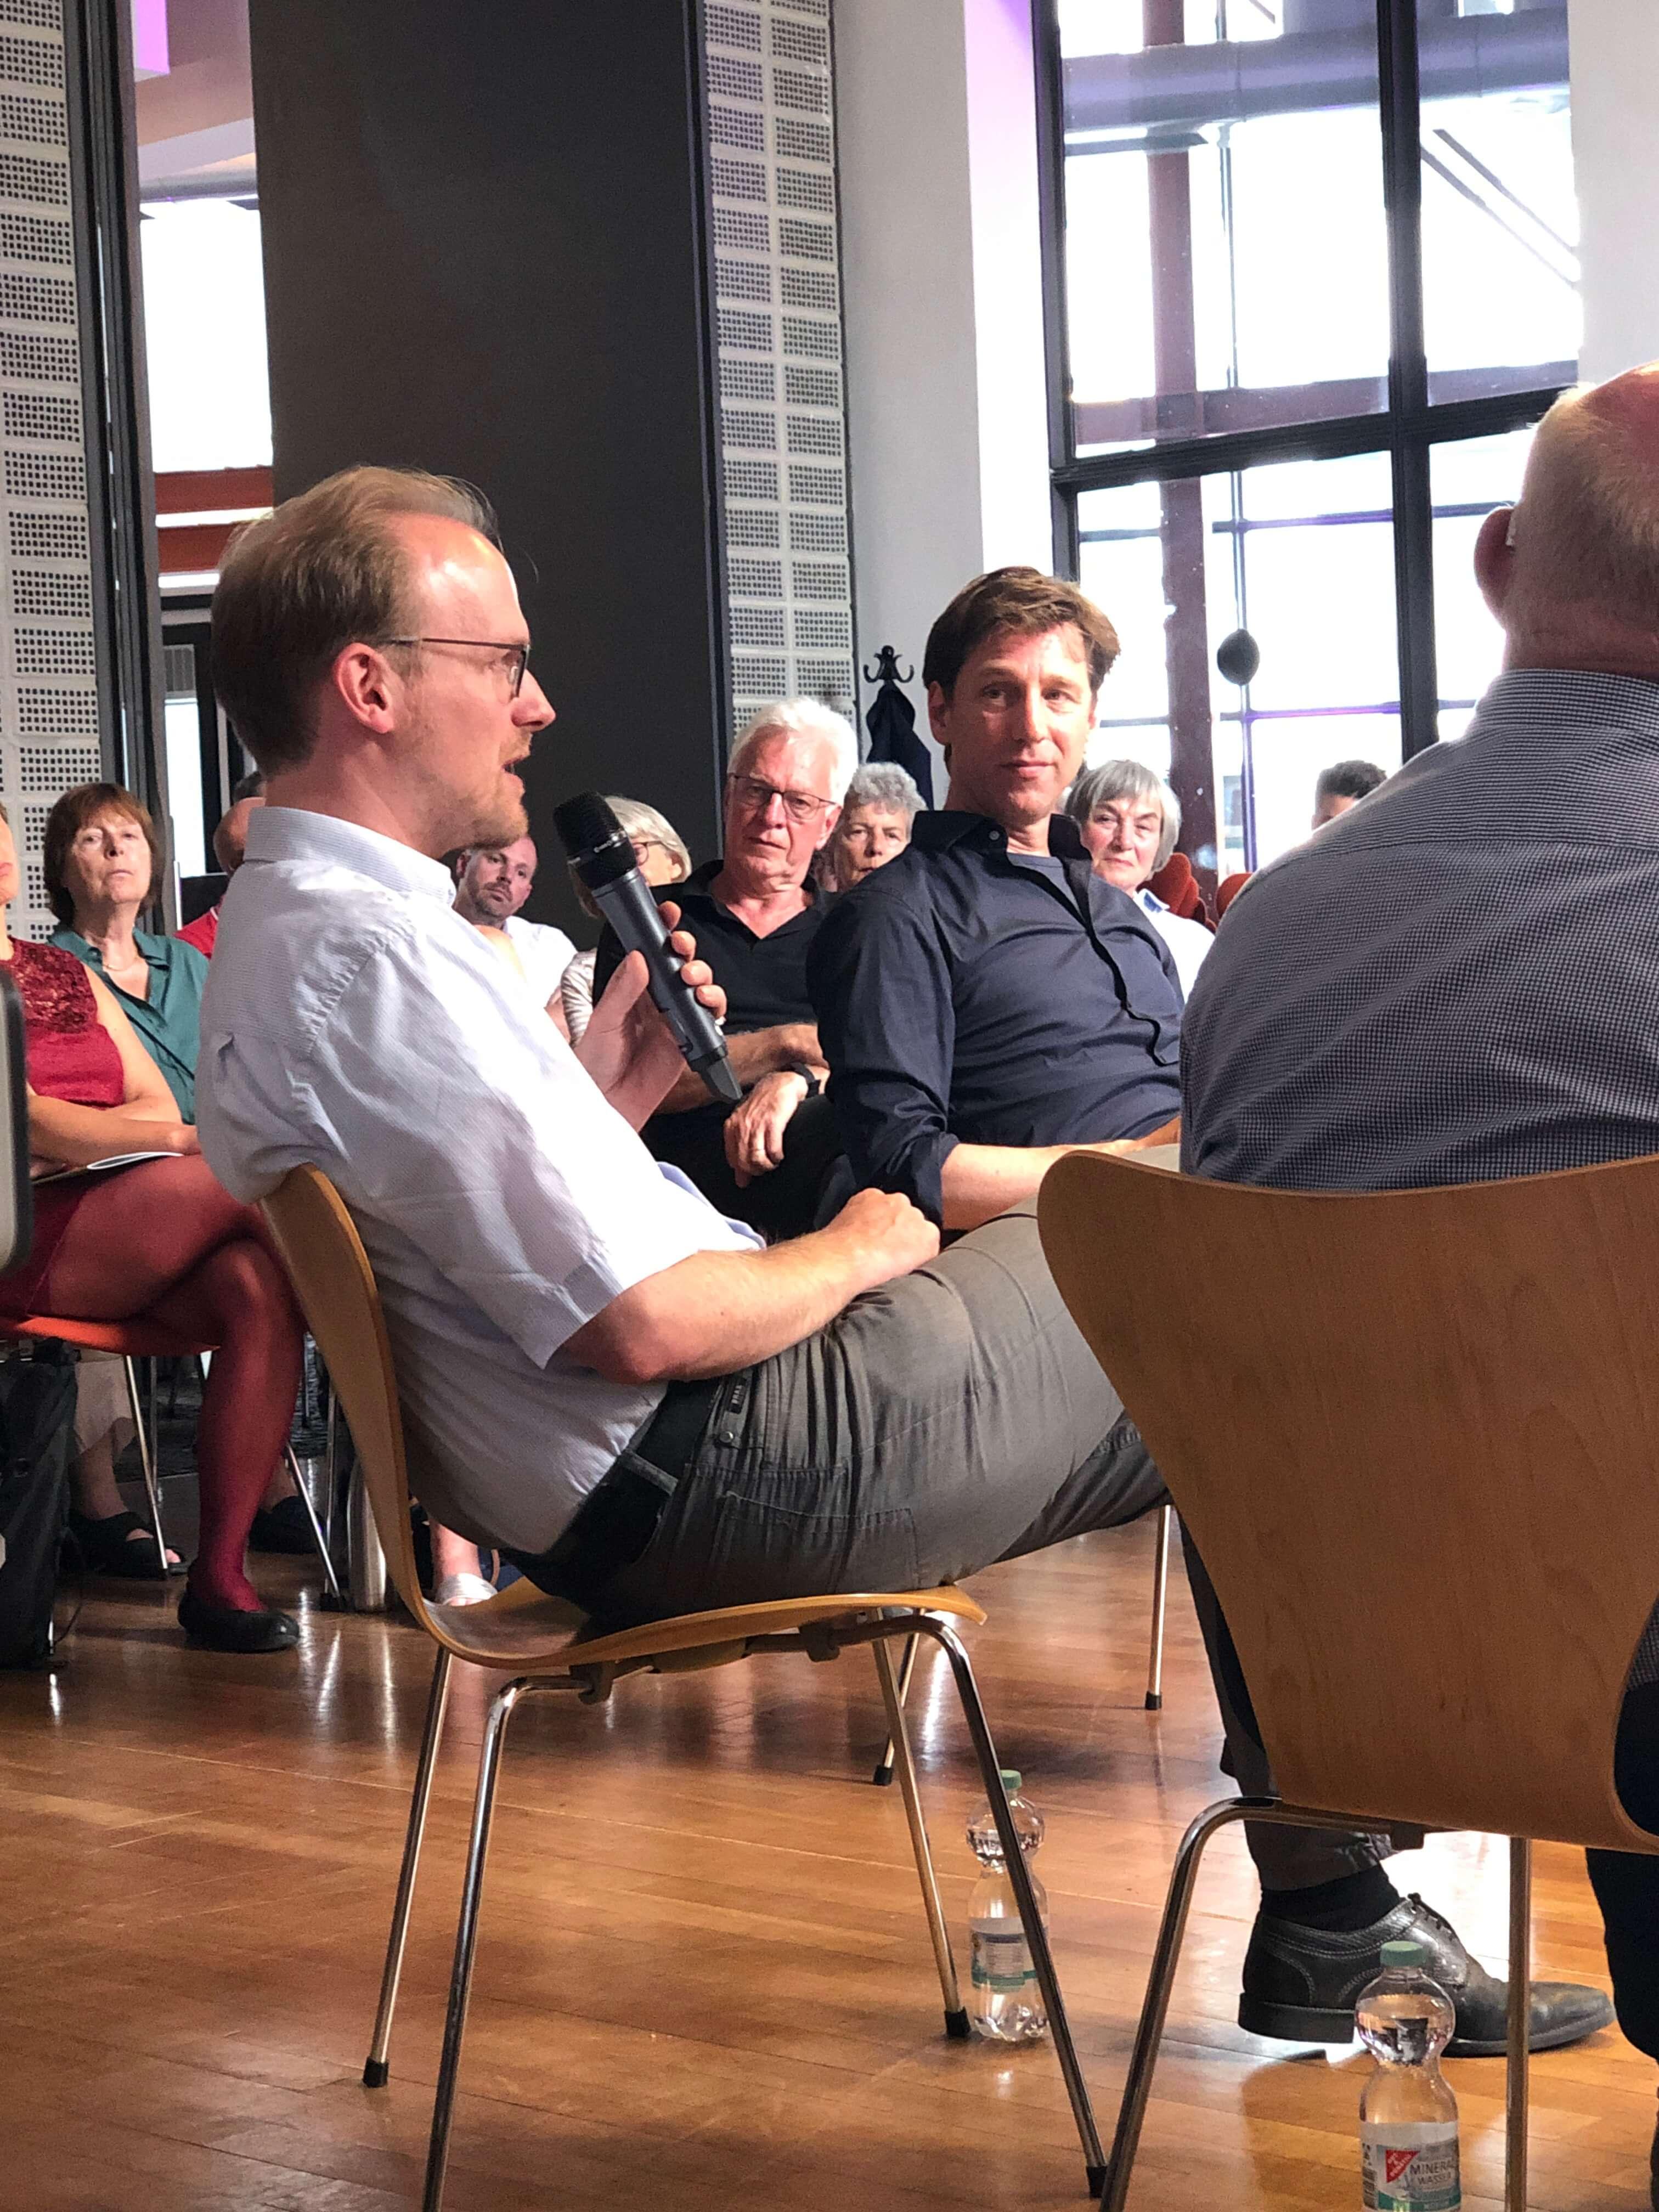 Plädiert auch für einen Kulturentwicklungsplan: Dr. Jung (SPD)